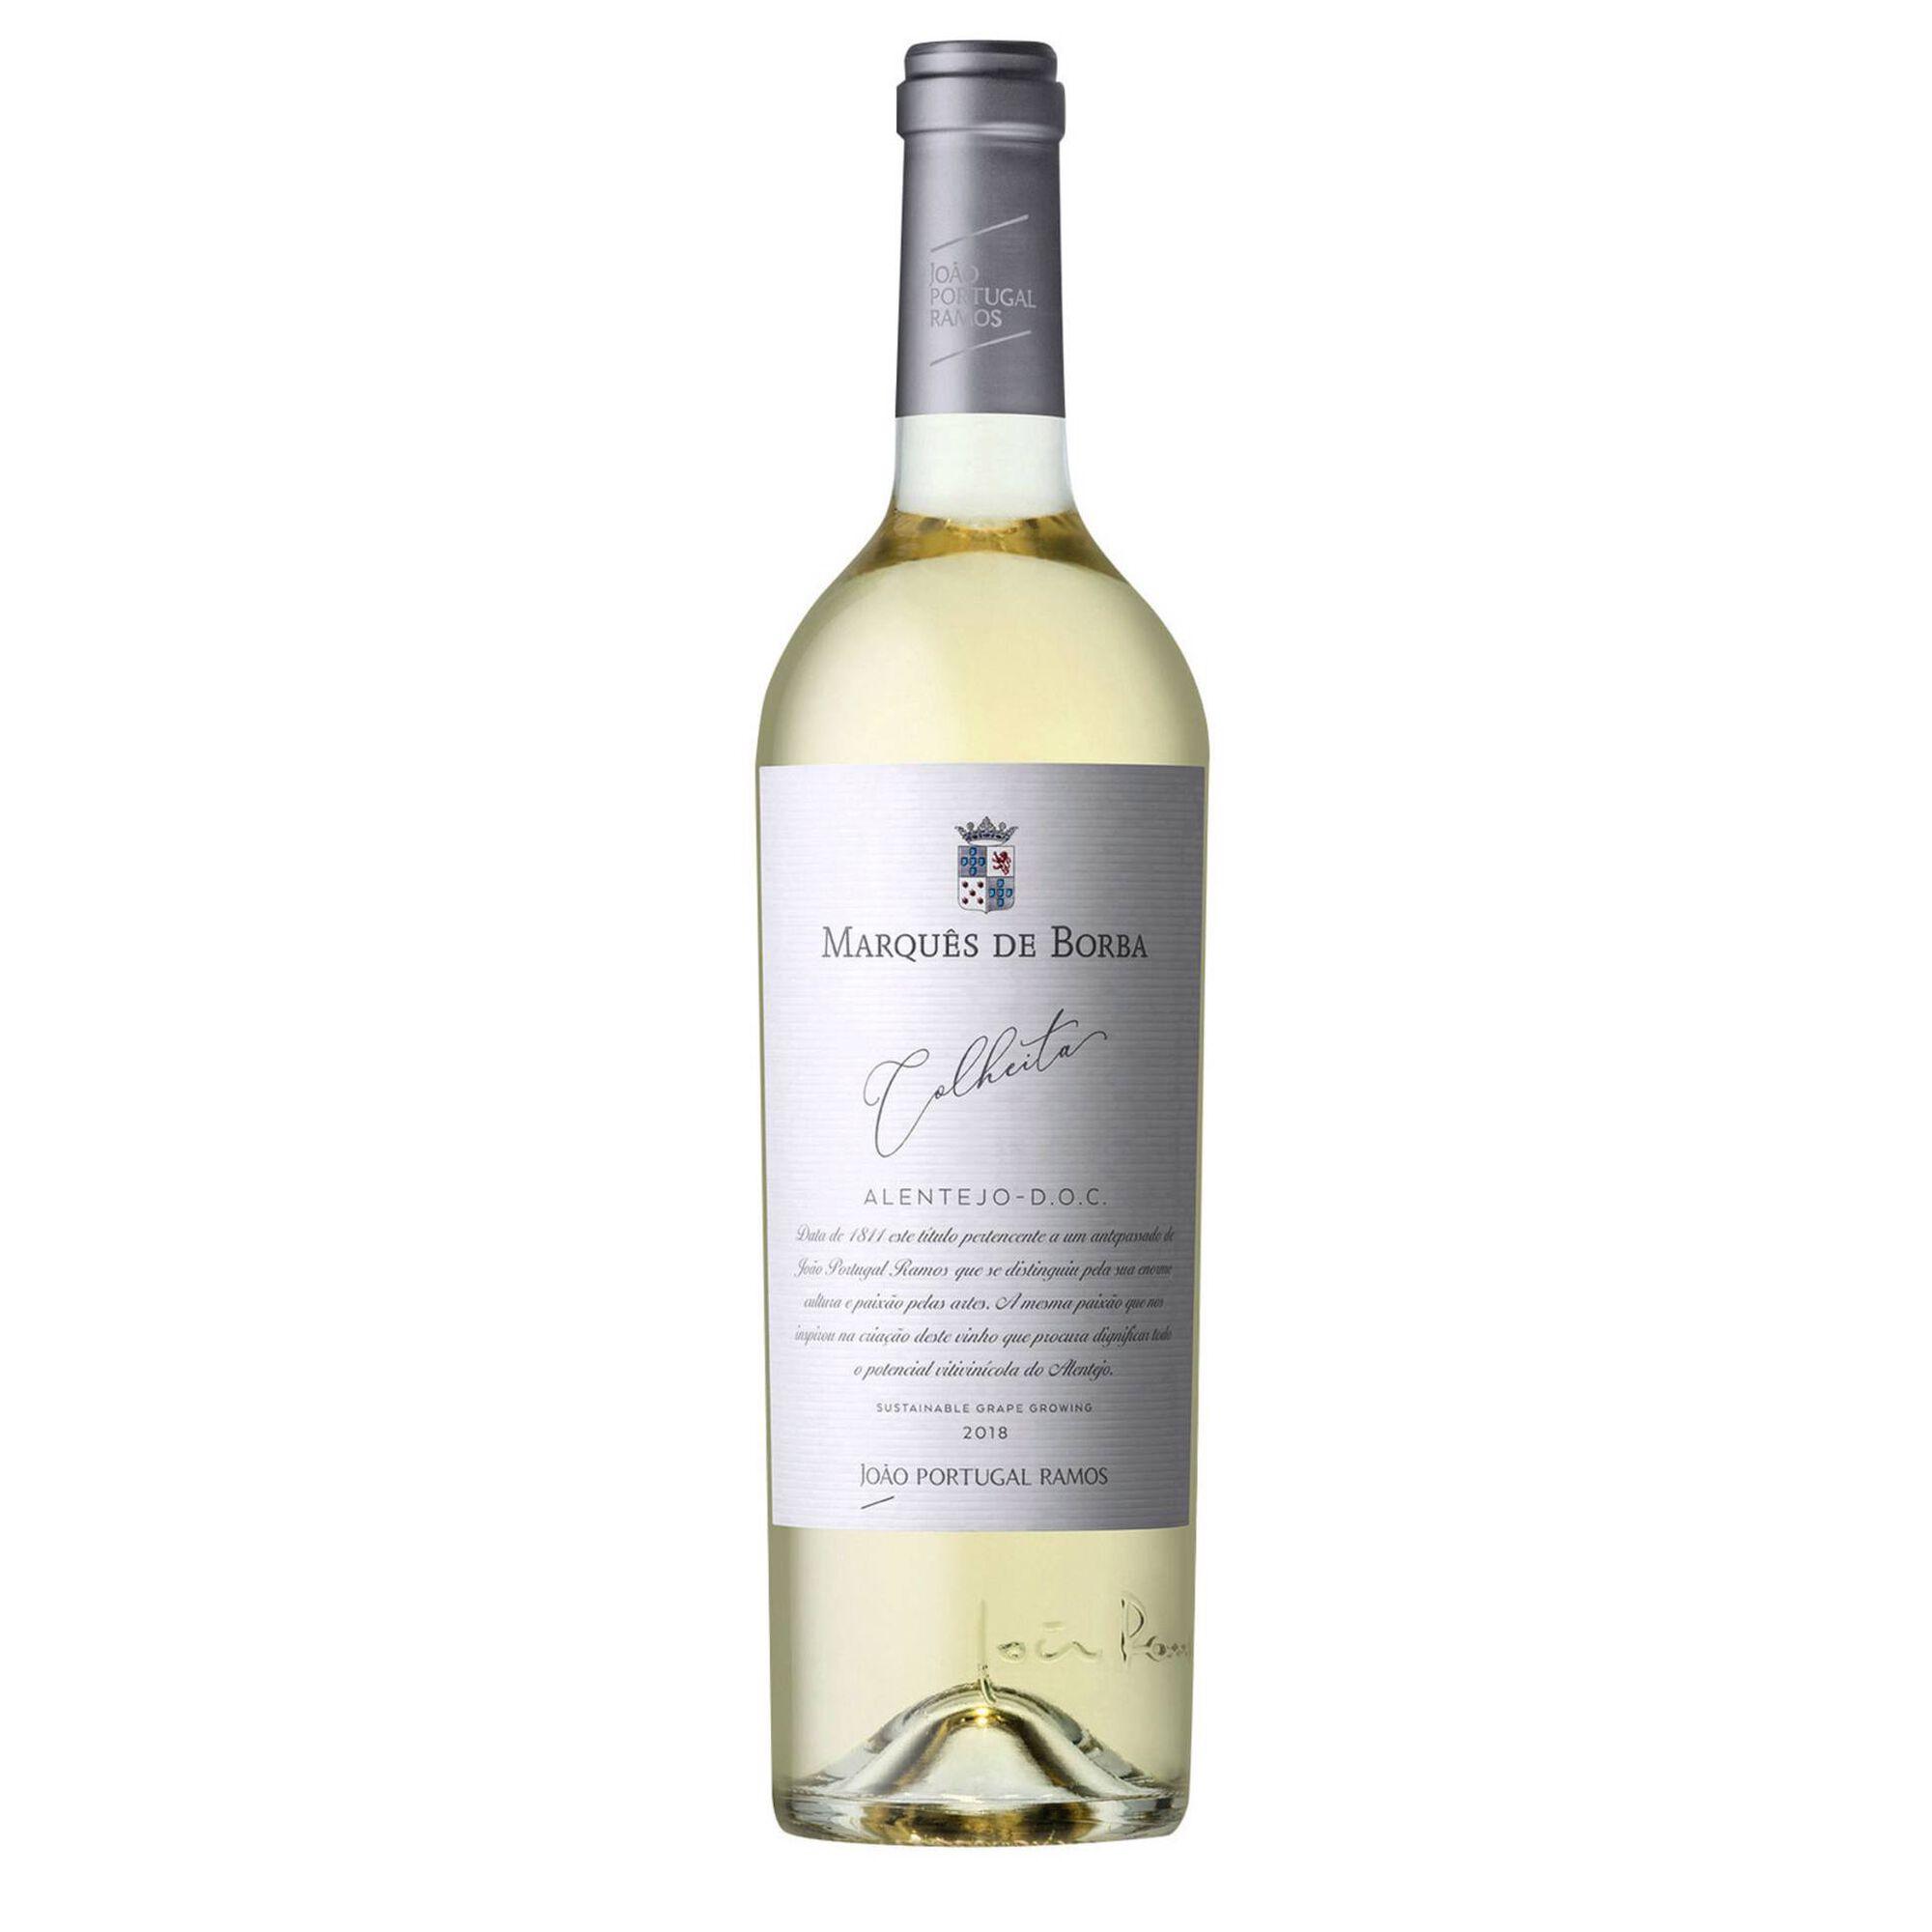 Marquês de Borba DOC Alentejo Vinho Branco